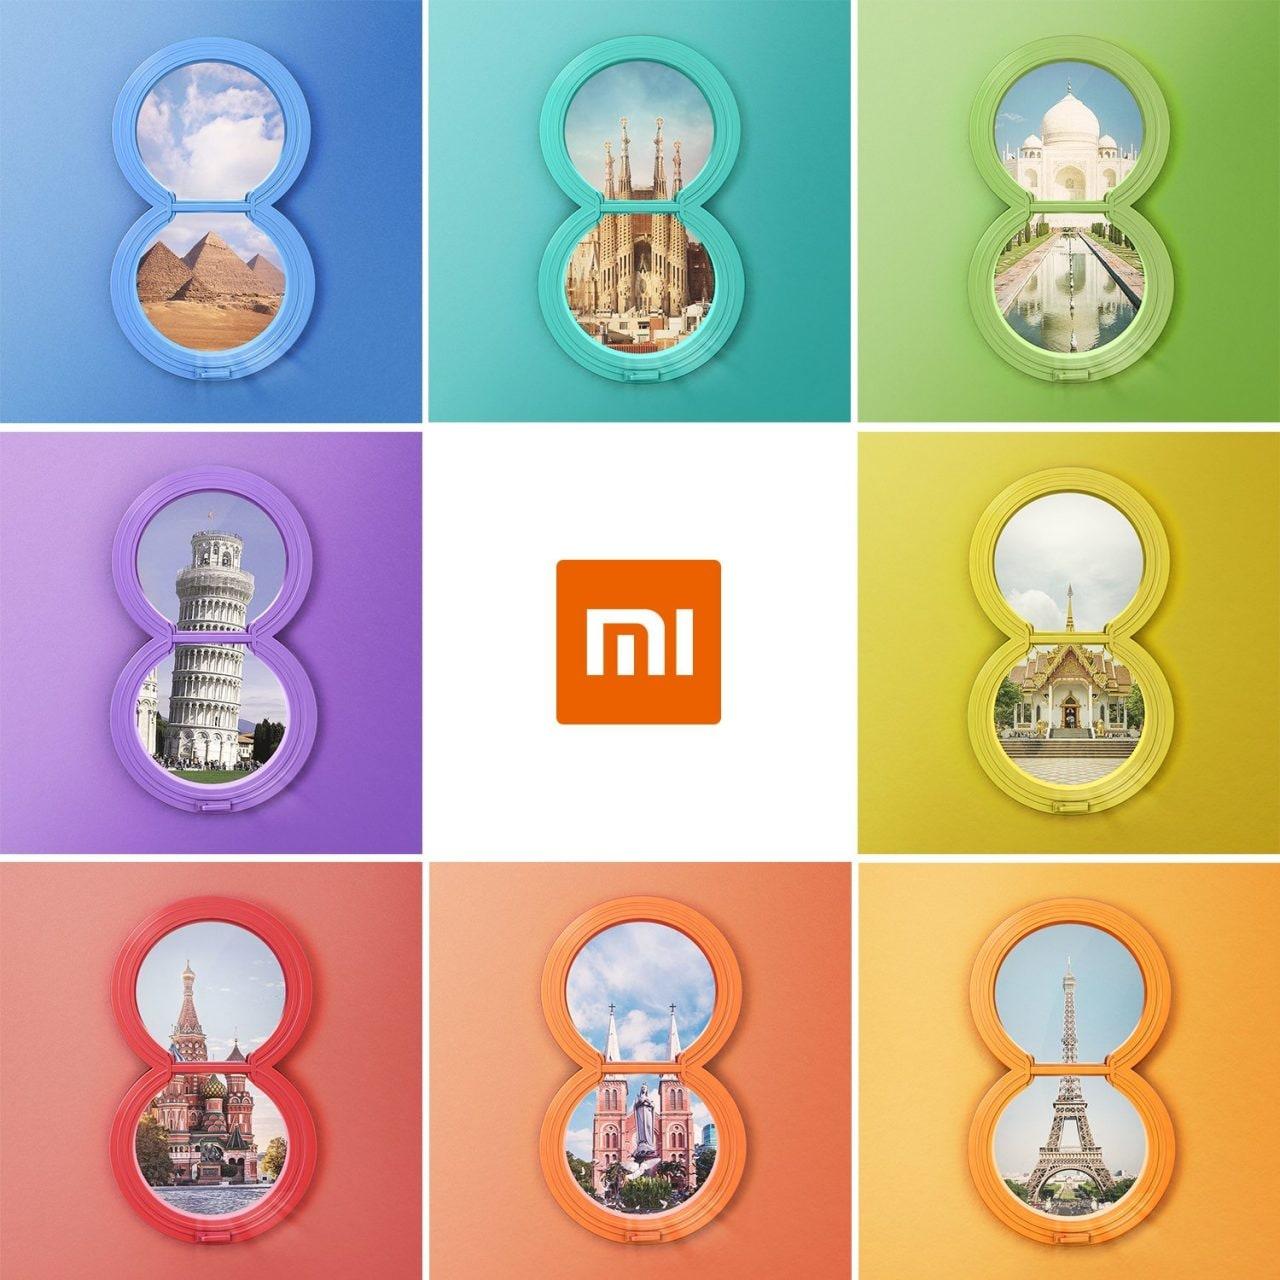 Xiaomi Mi8 arriverà ufficialmente in Italia subito dopo il lancio (aggiornato)